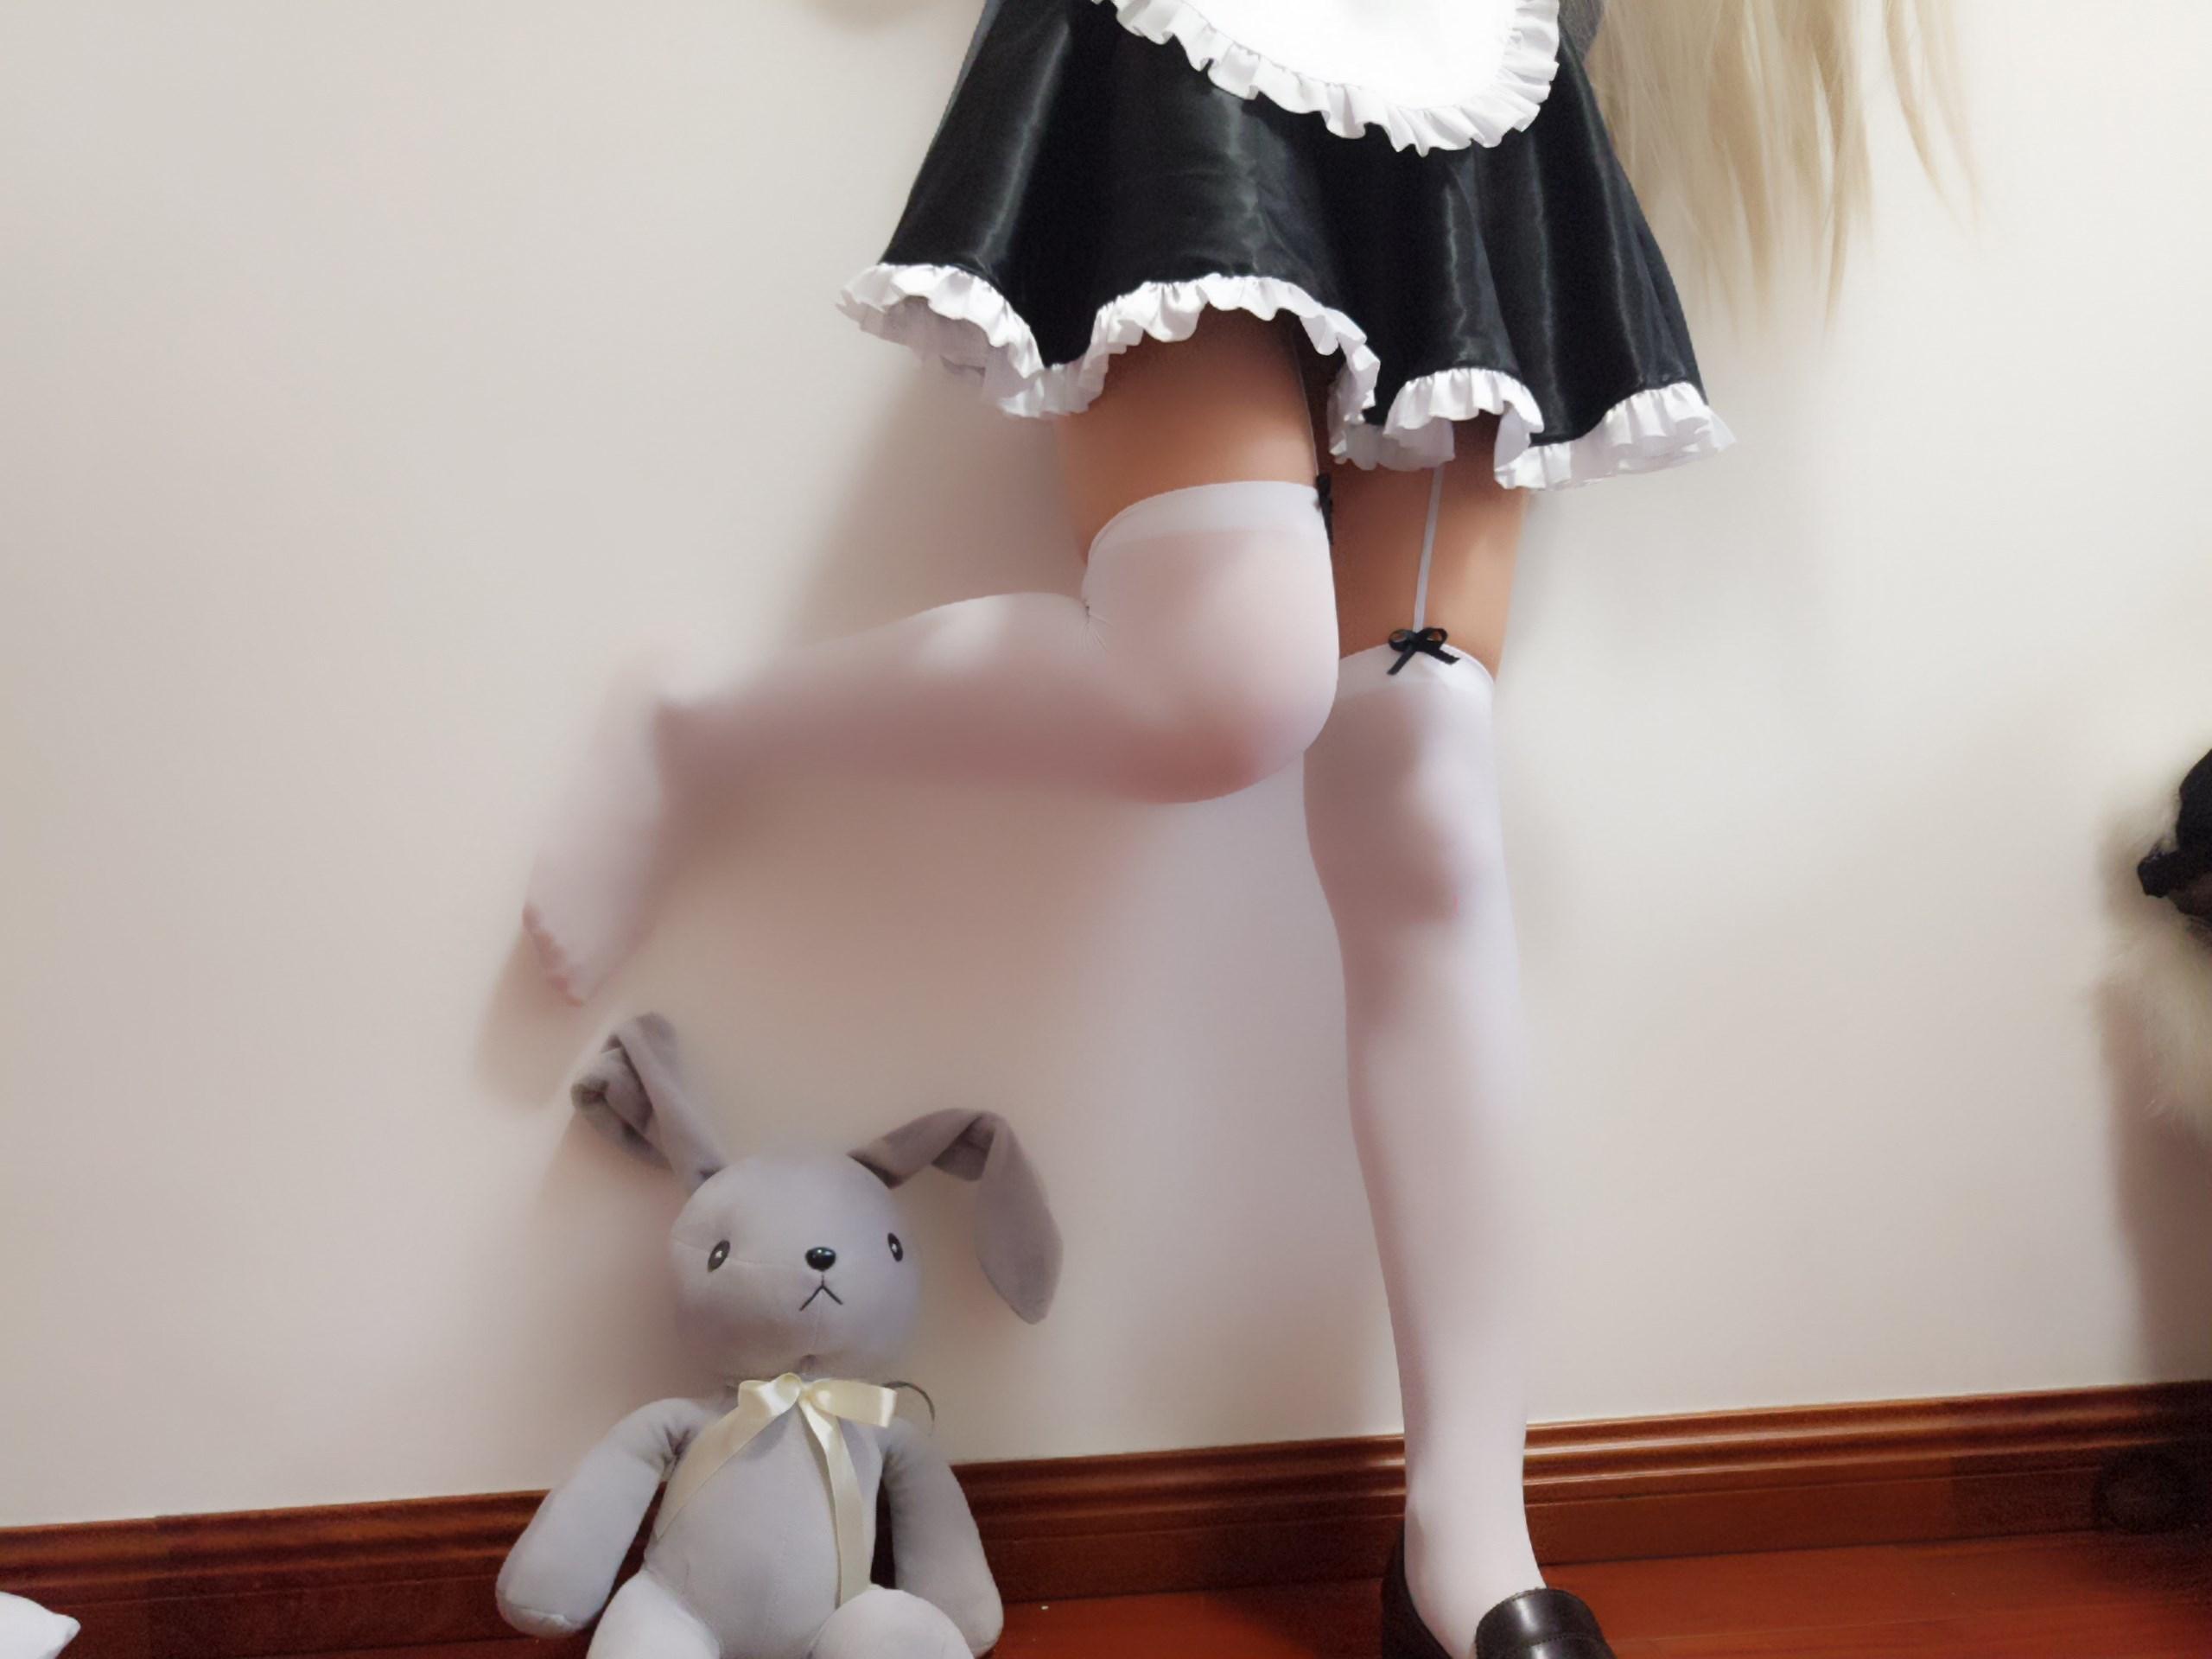 【兔玩映画】萌妹自拍-穹妹女仆装 兔玩映画 第33张